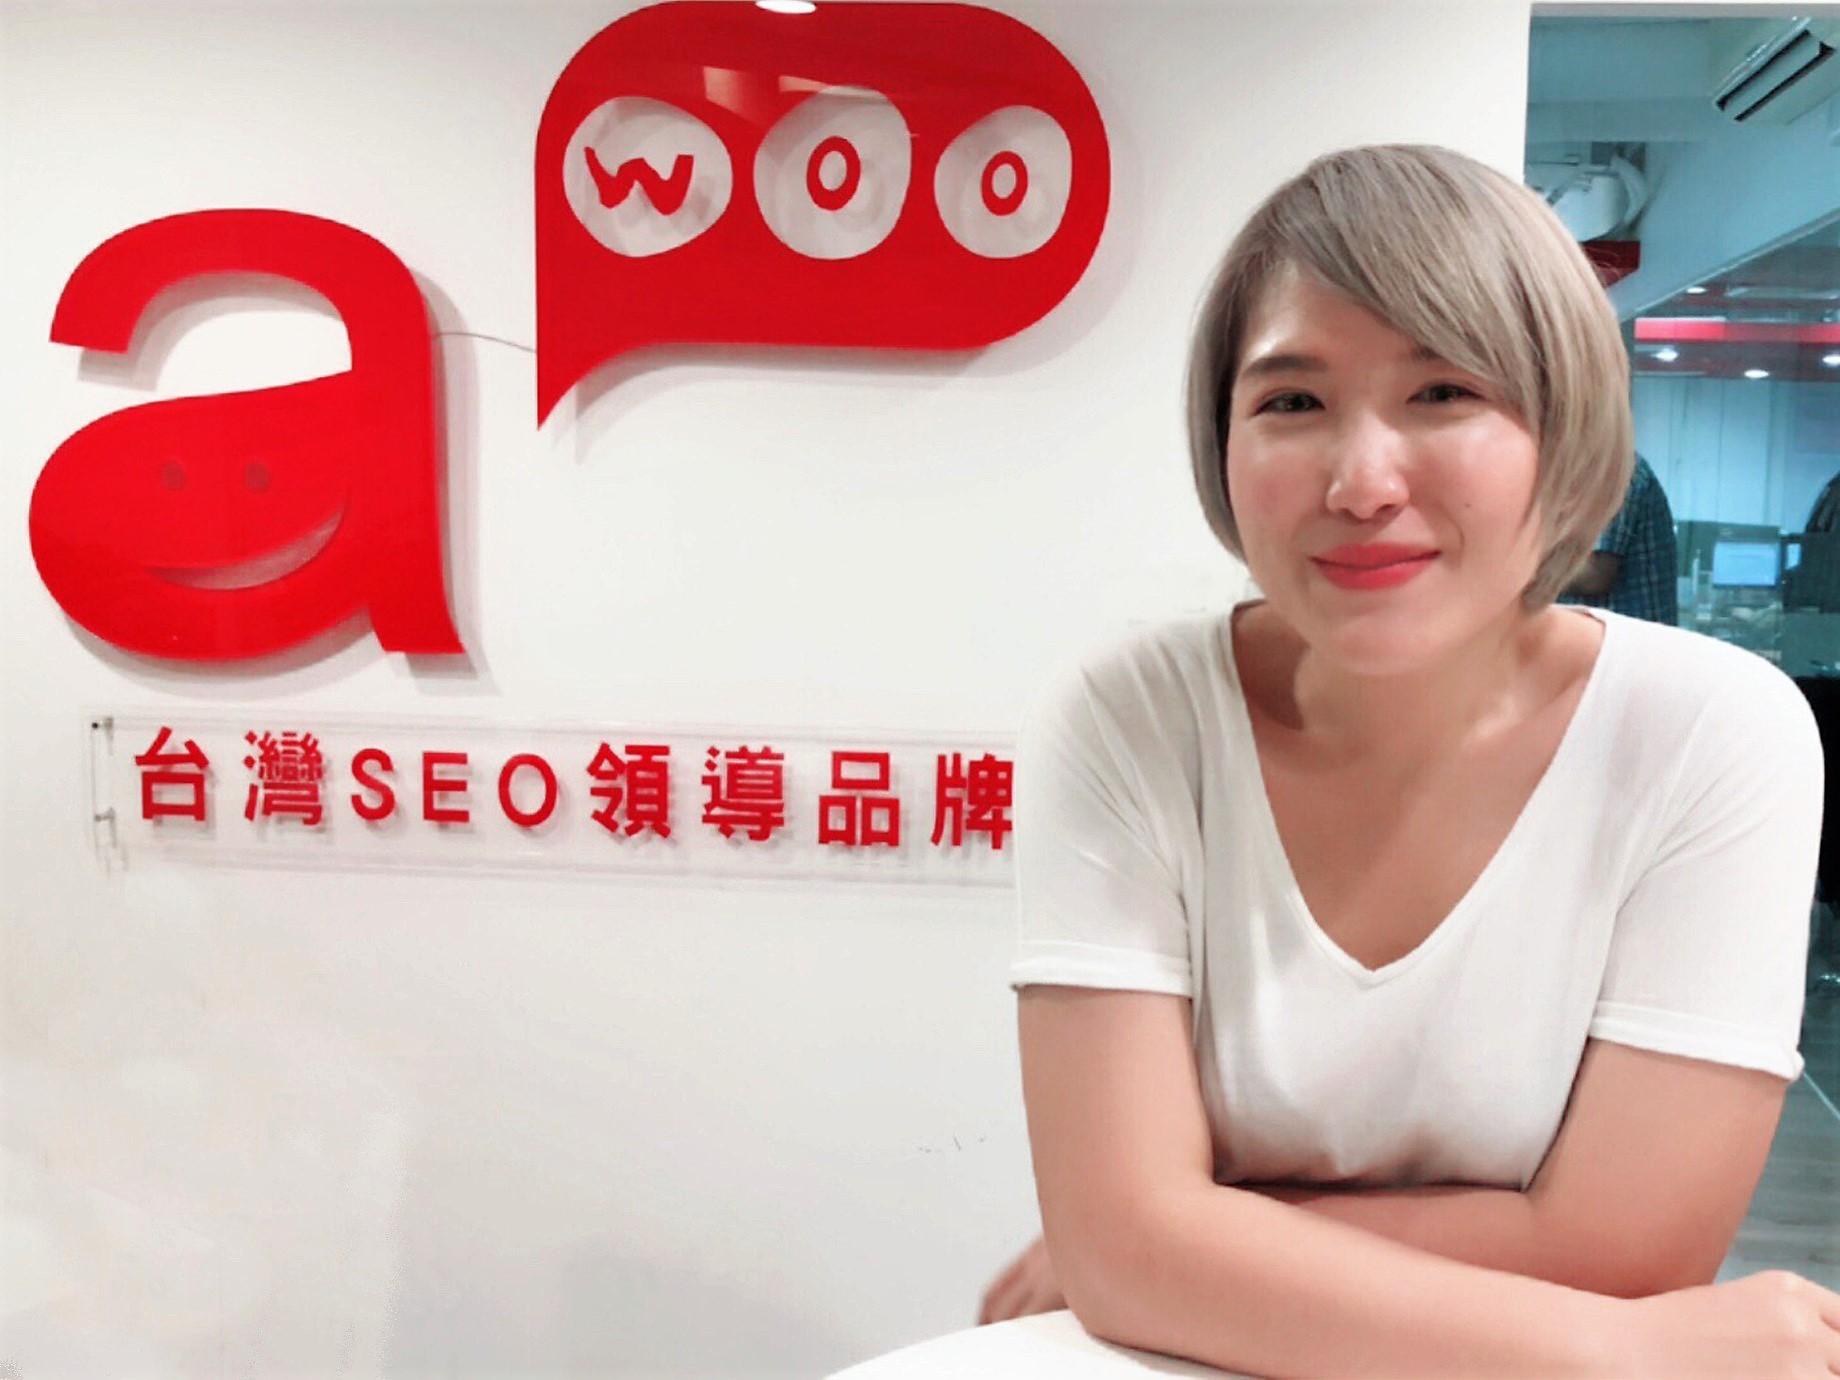 工作分享》黃琇文(阿物國際SEO工程師):網路新創就像突擊隊,「主動」才會一起前進